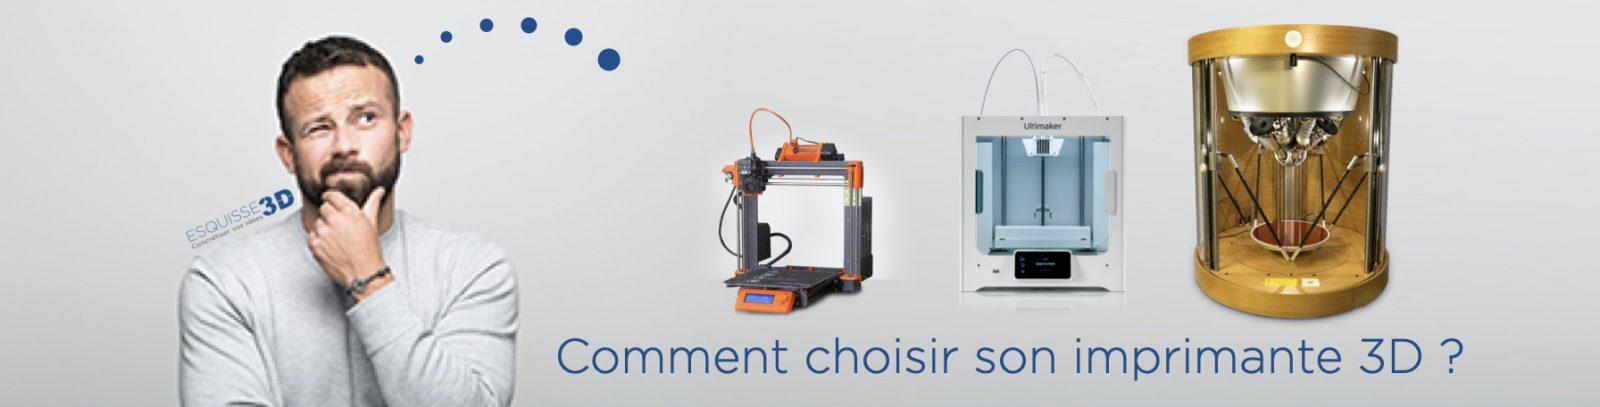 Hobbistes, TPE, Industriels, comment choisir son imprimante 3D ?